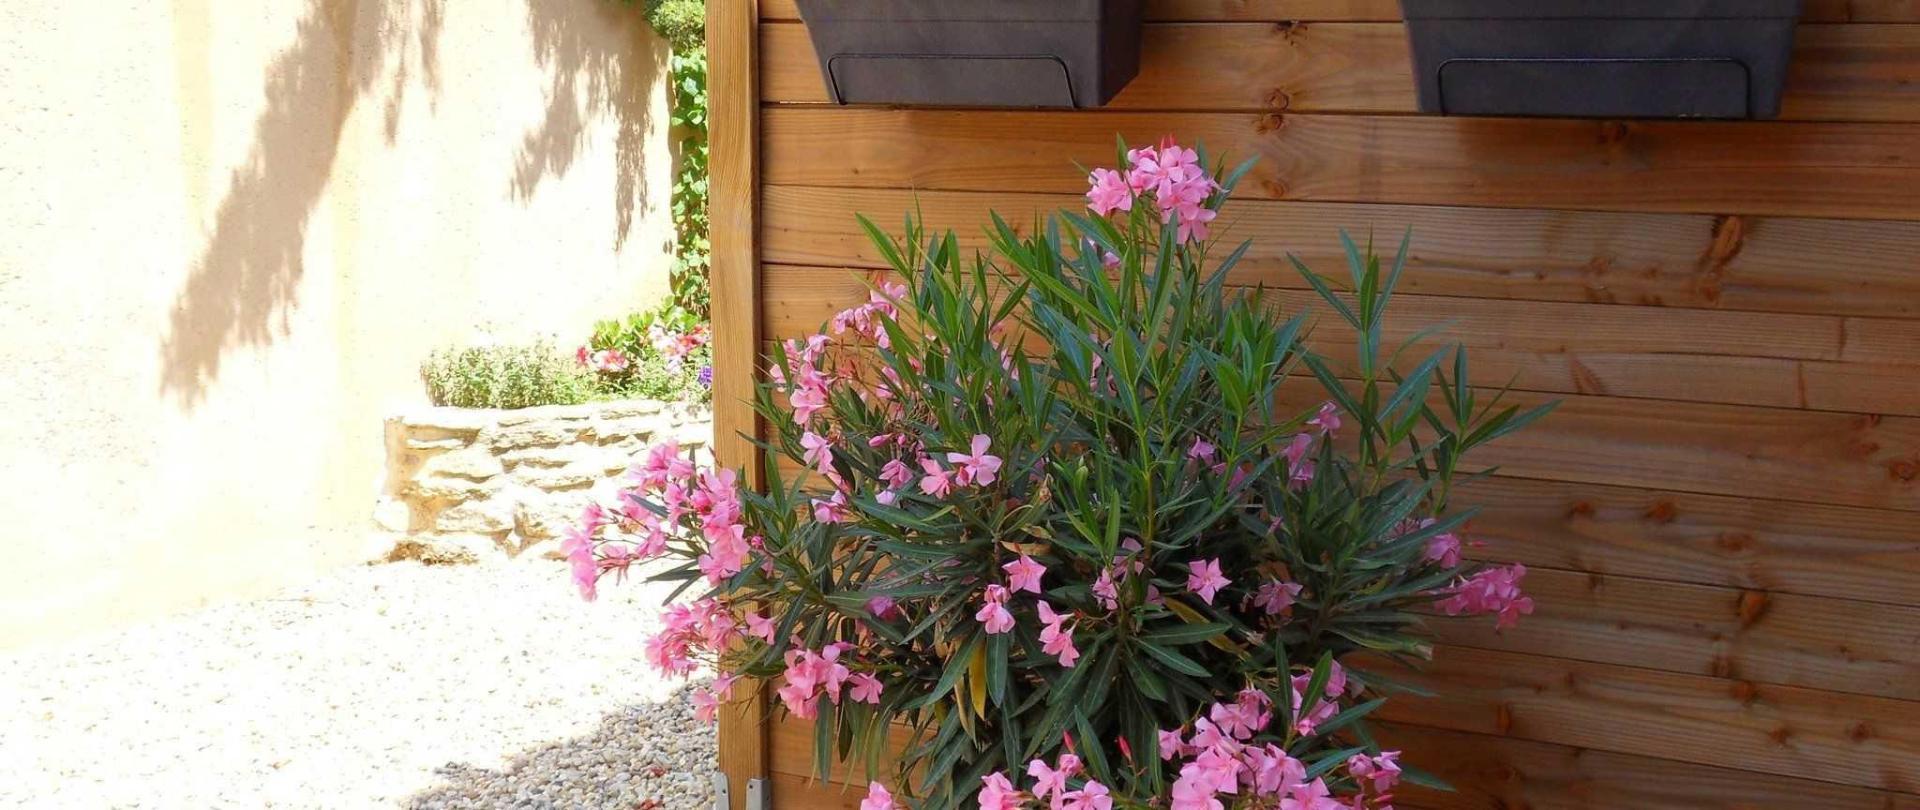 la-terrasse-ivana-fleurie-1.jpg